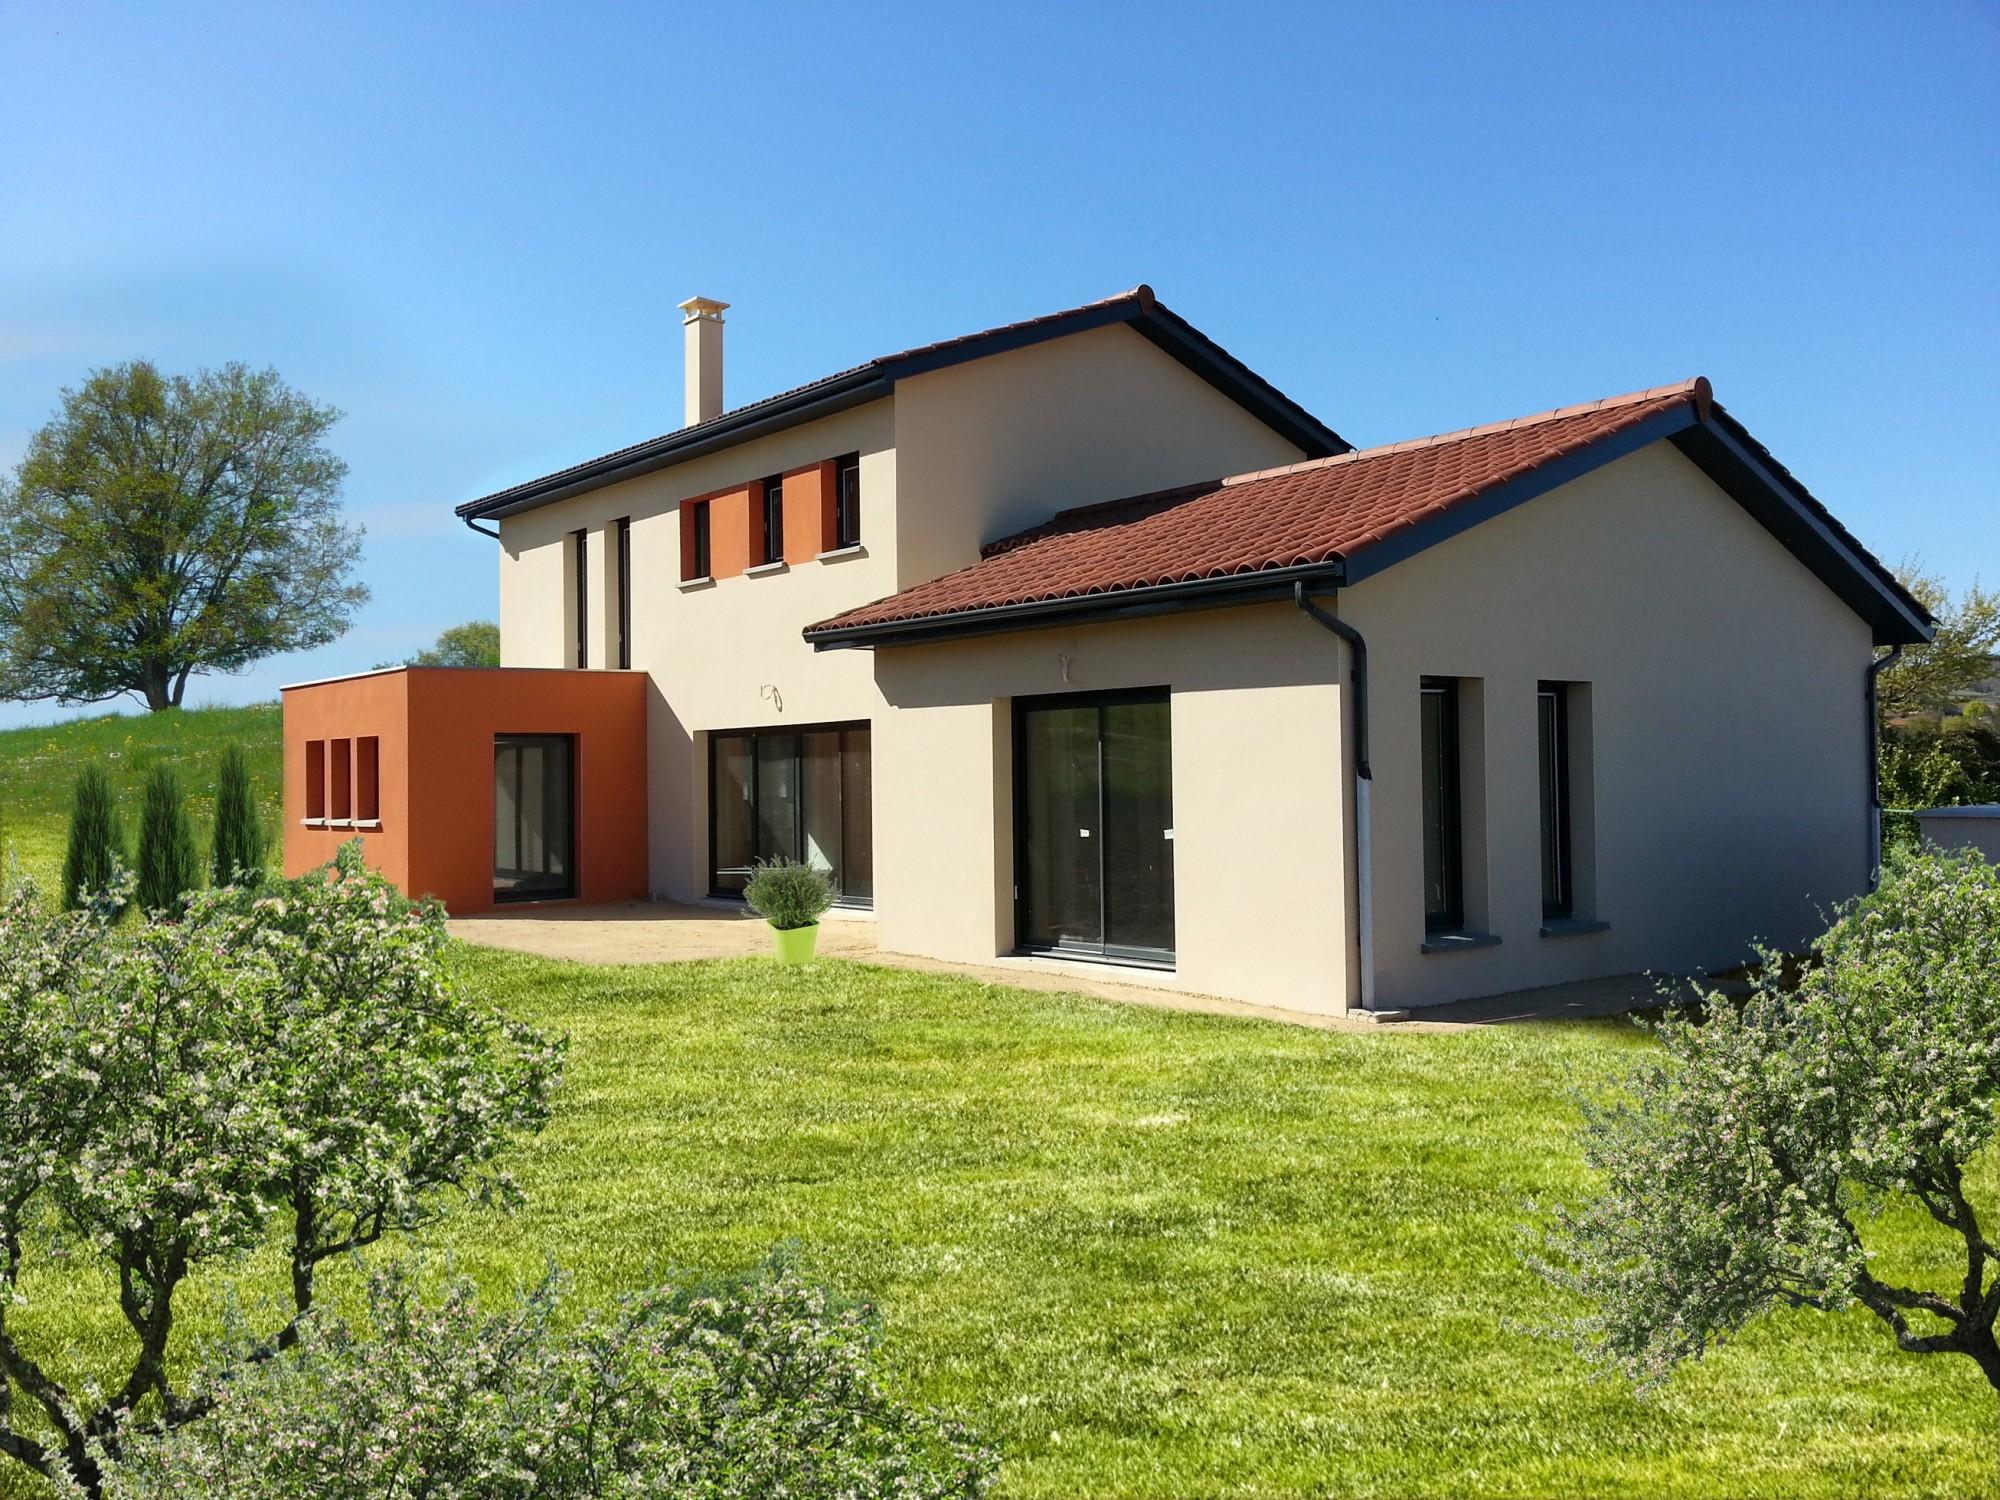 Maison mixte toit terrasse Bureau d études et architectes